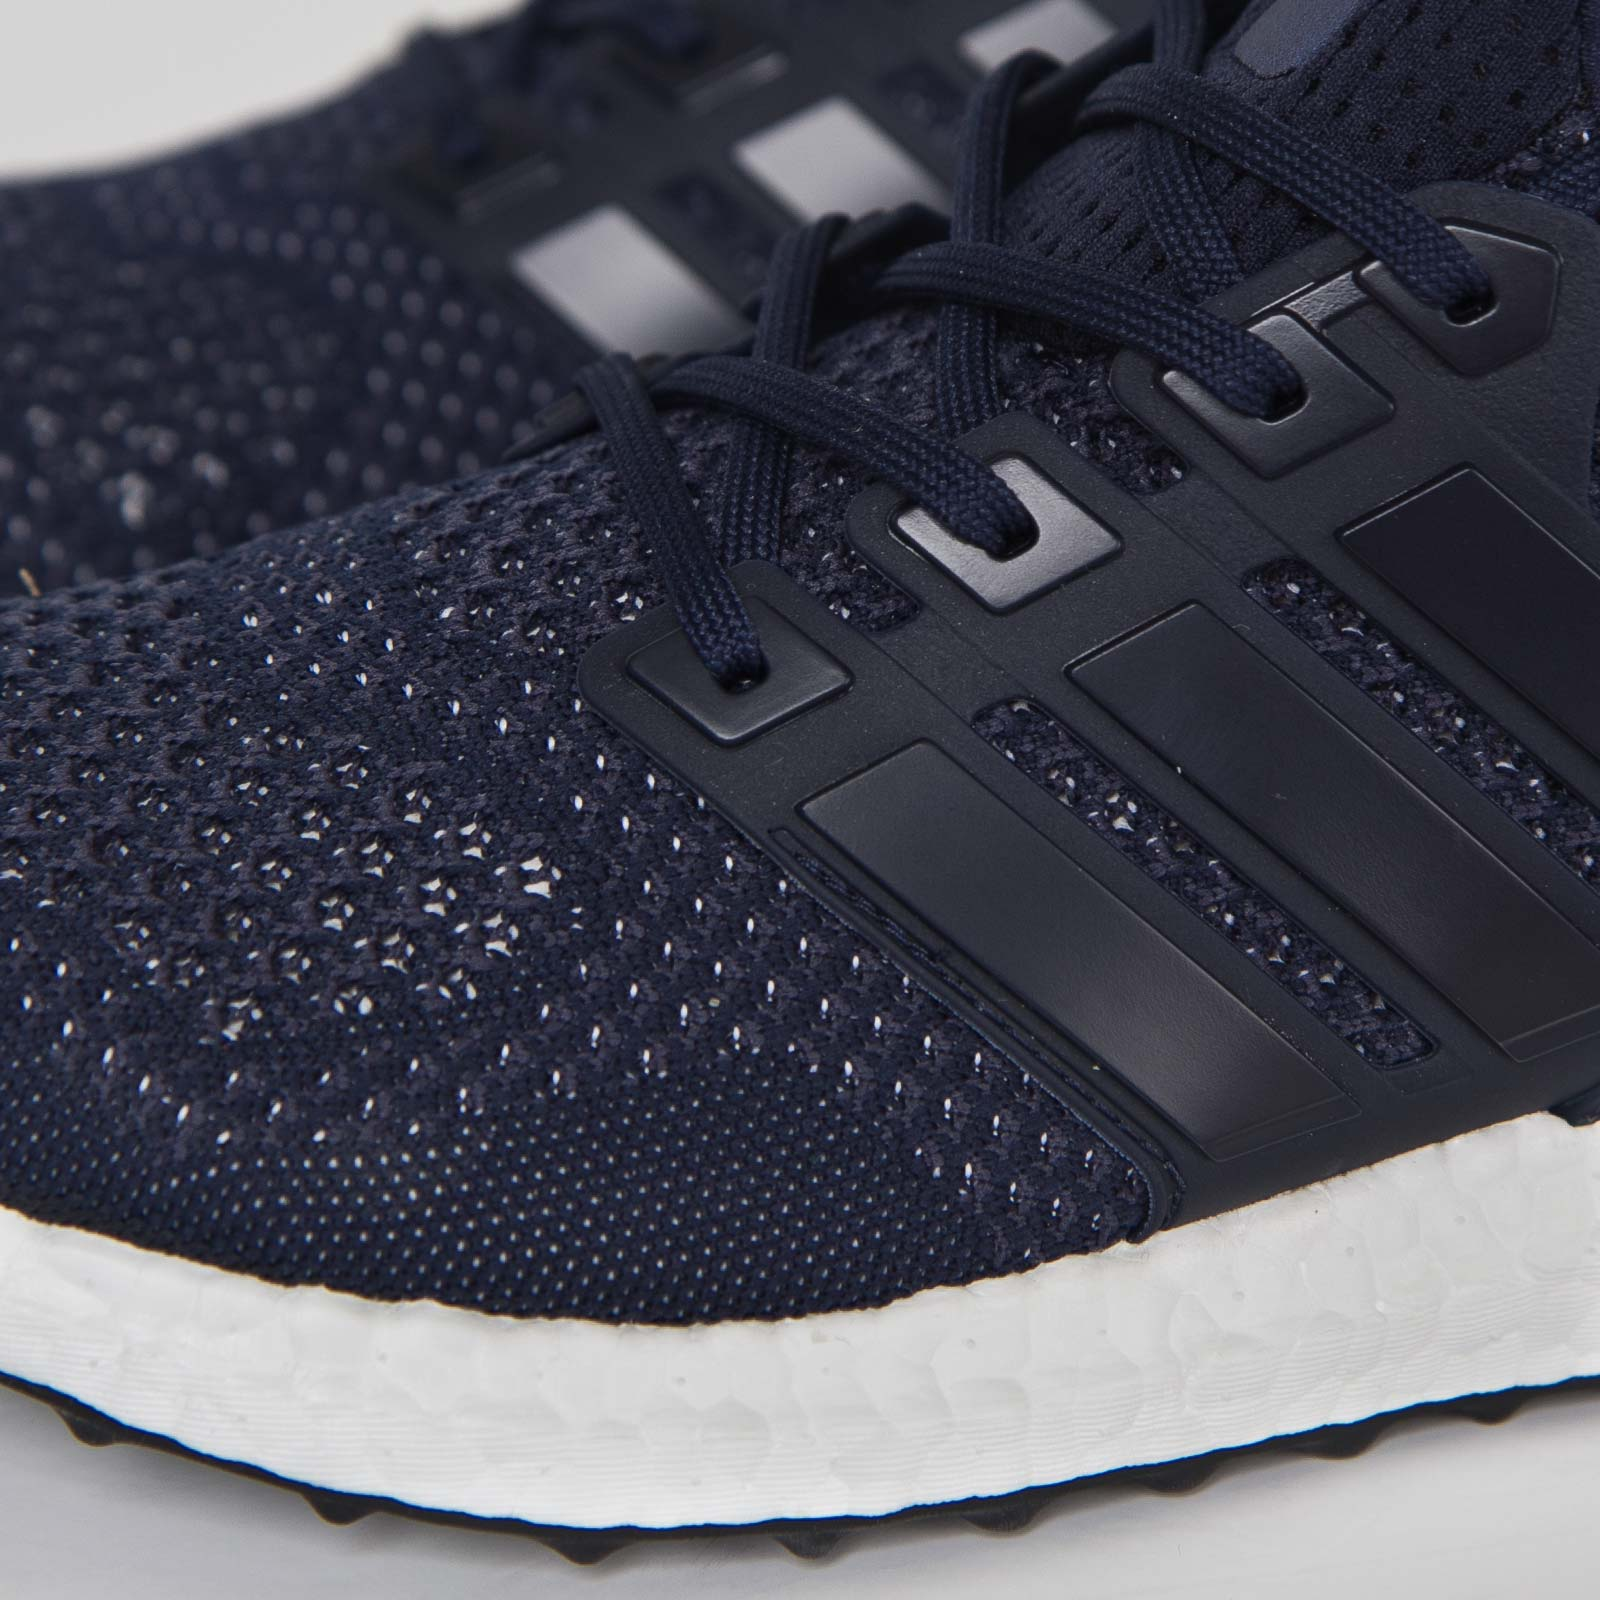 Adidas ultra impulso m s77415 scarpe da ginnasticanstuff scarpe